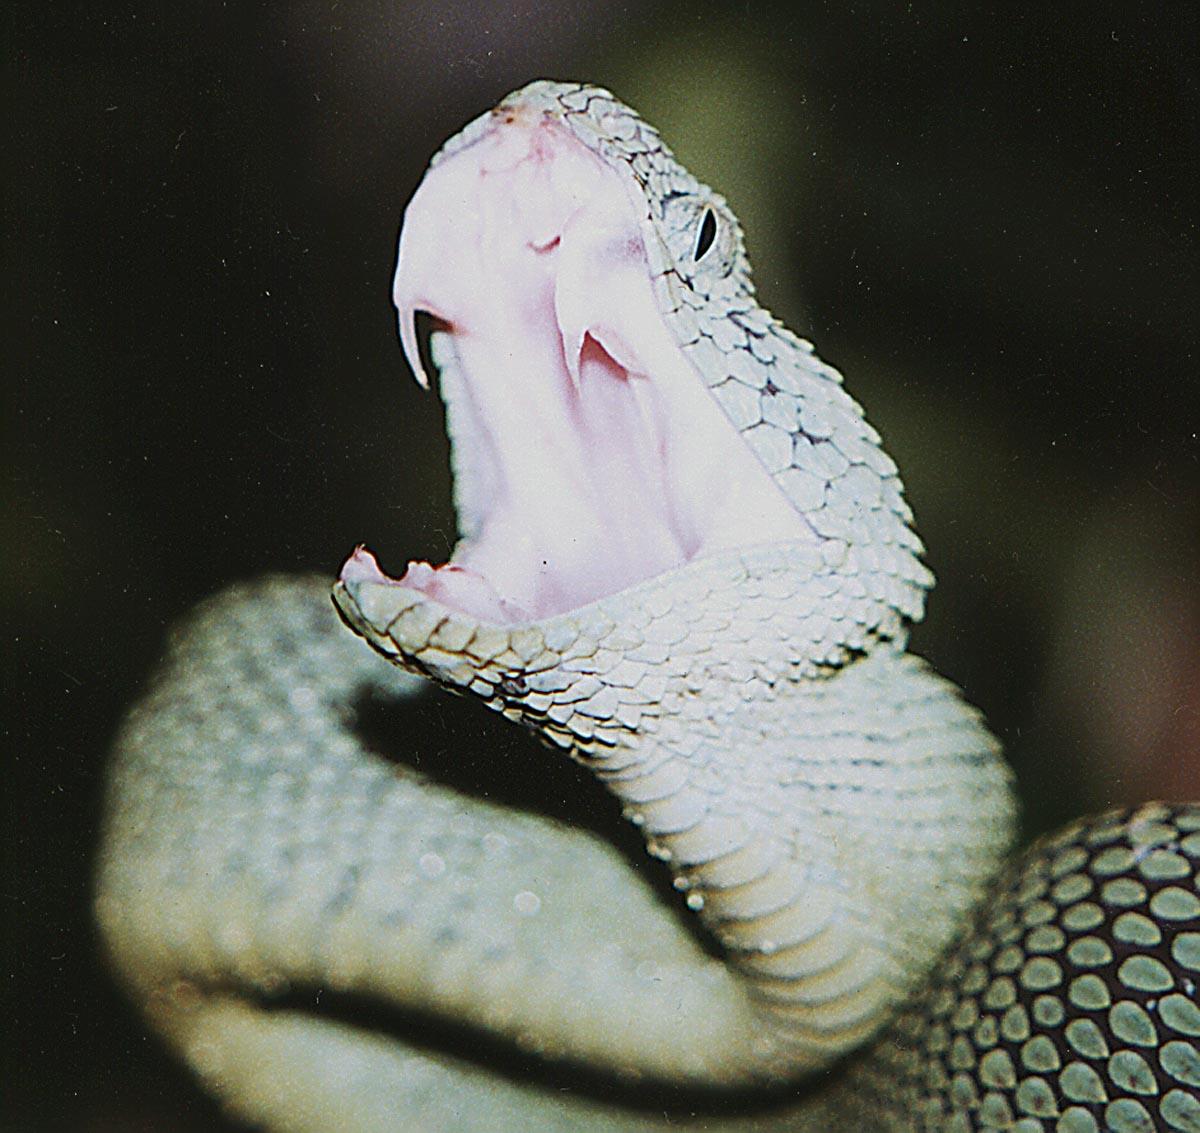 اقوي الافاعي يعني ثعابين في shhsachlor.jpg